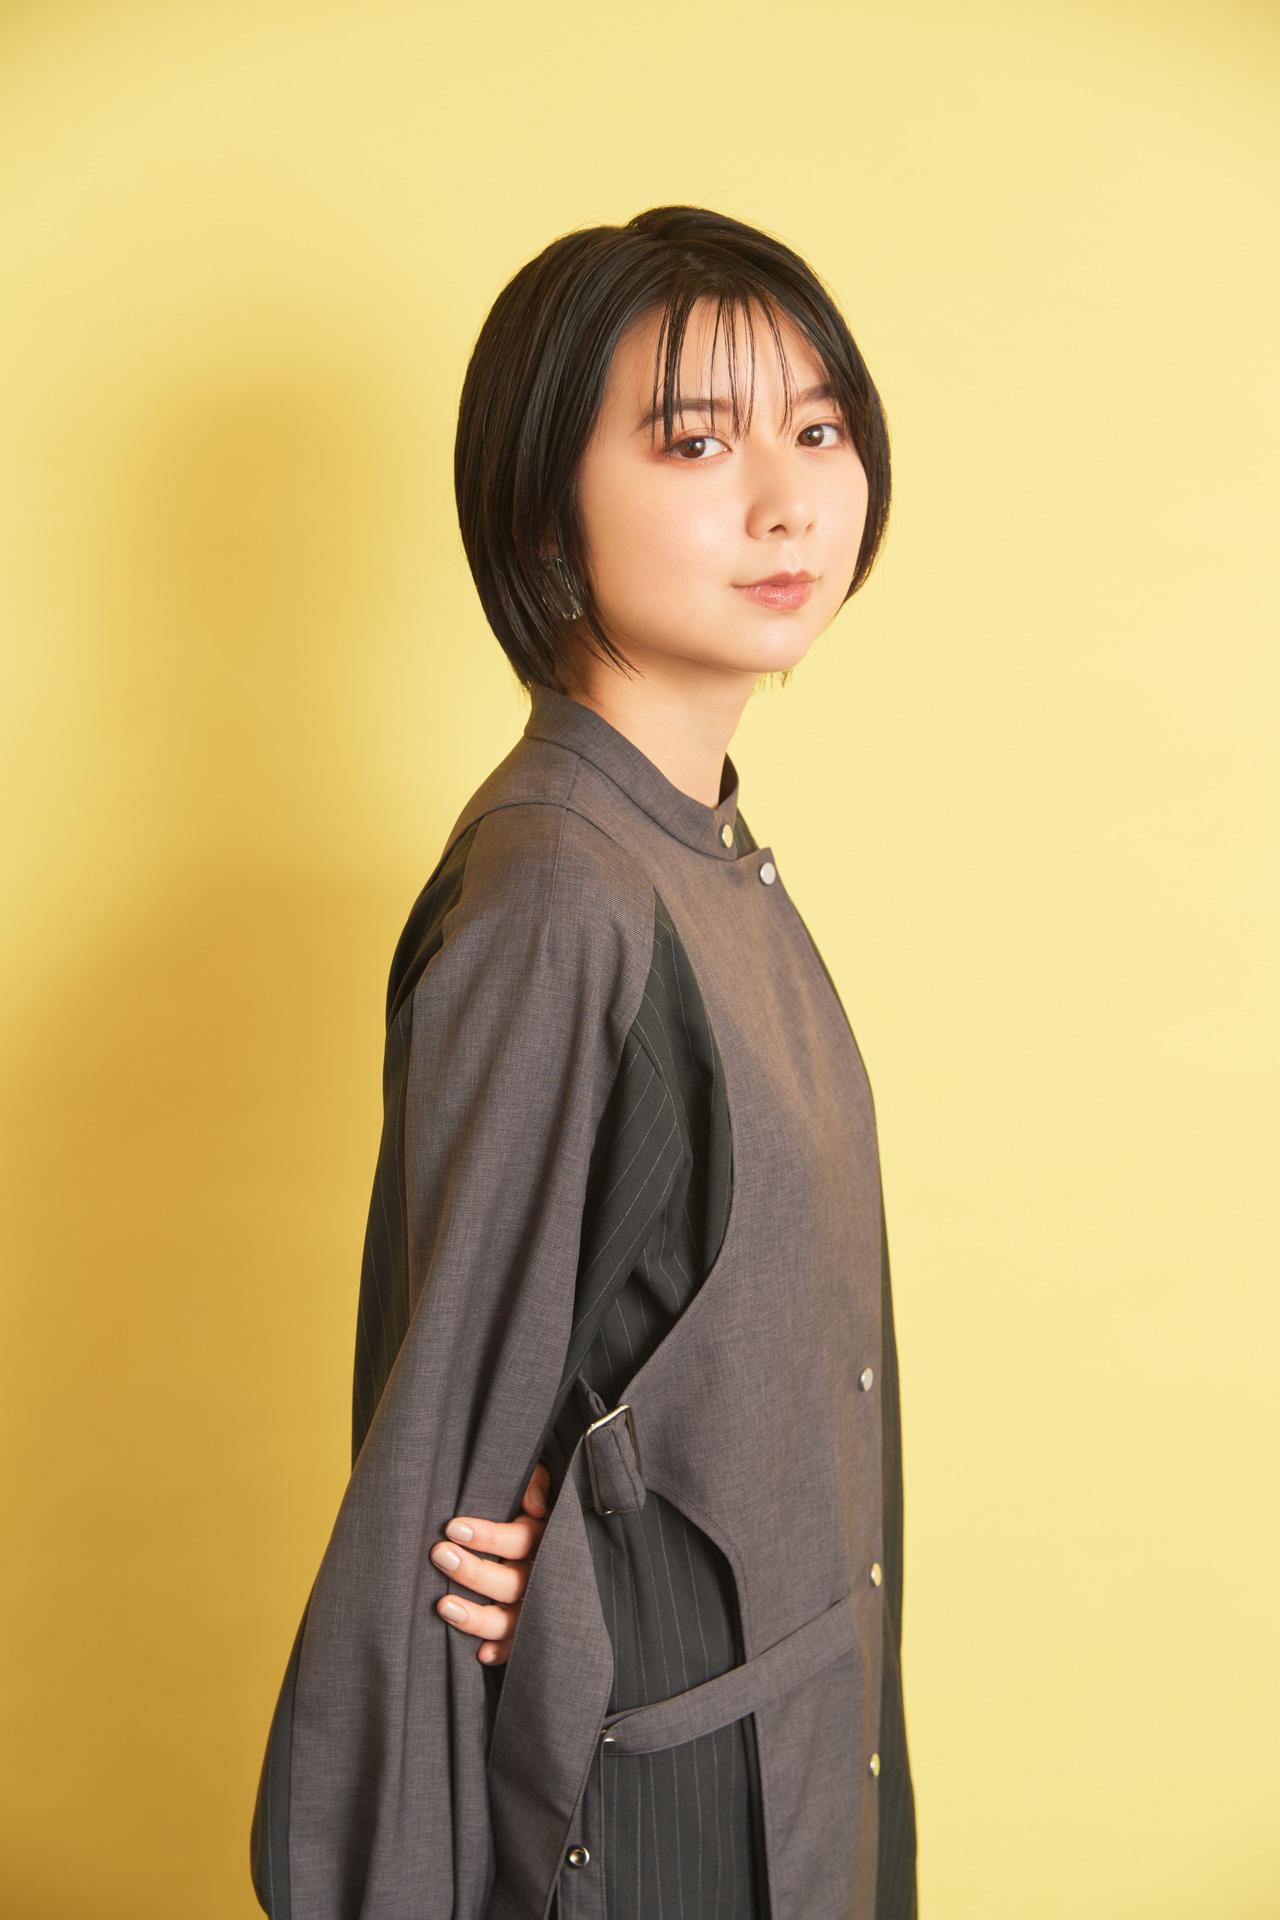 上白石萌歌 Moka Kamishiraishi 僕はどこから 画像 ファーストラヴ 天使にリクエストを 2021年秋放送の『ソロモンの偽証』(WOWOW)で連続ドラマ初主演 教場 女優